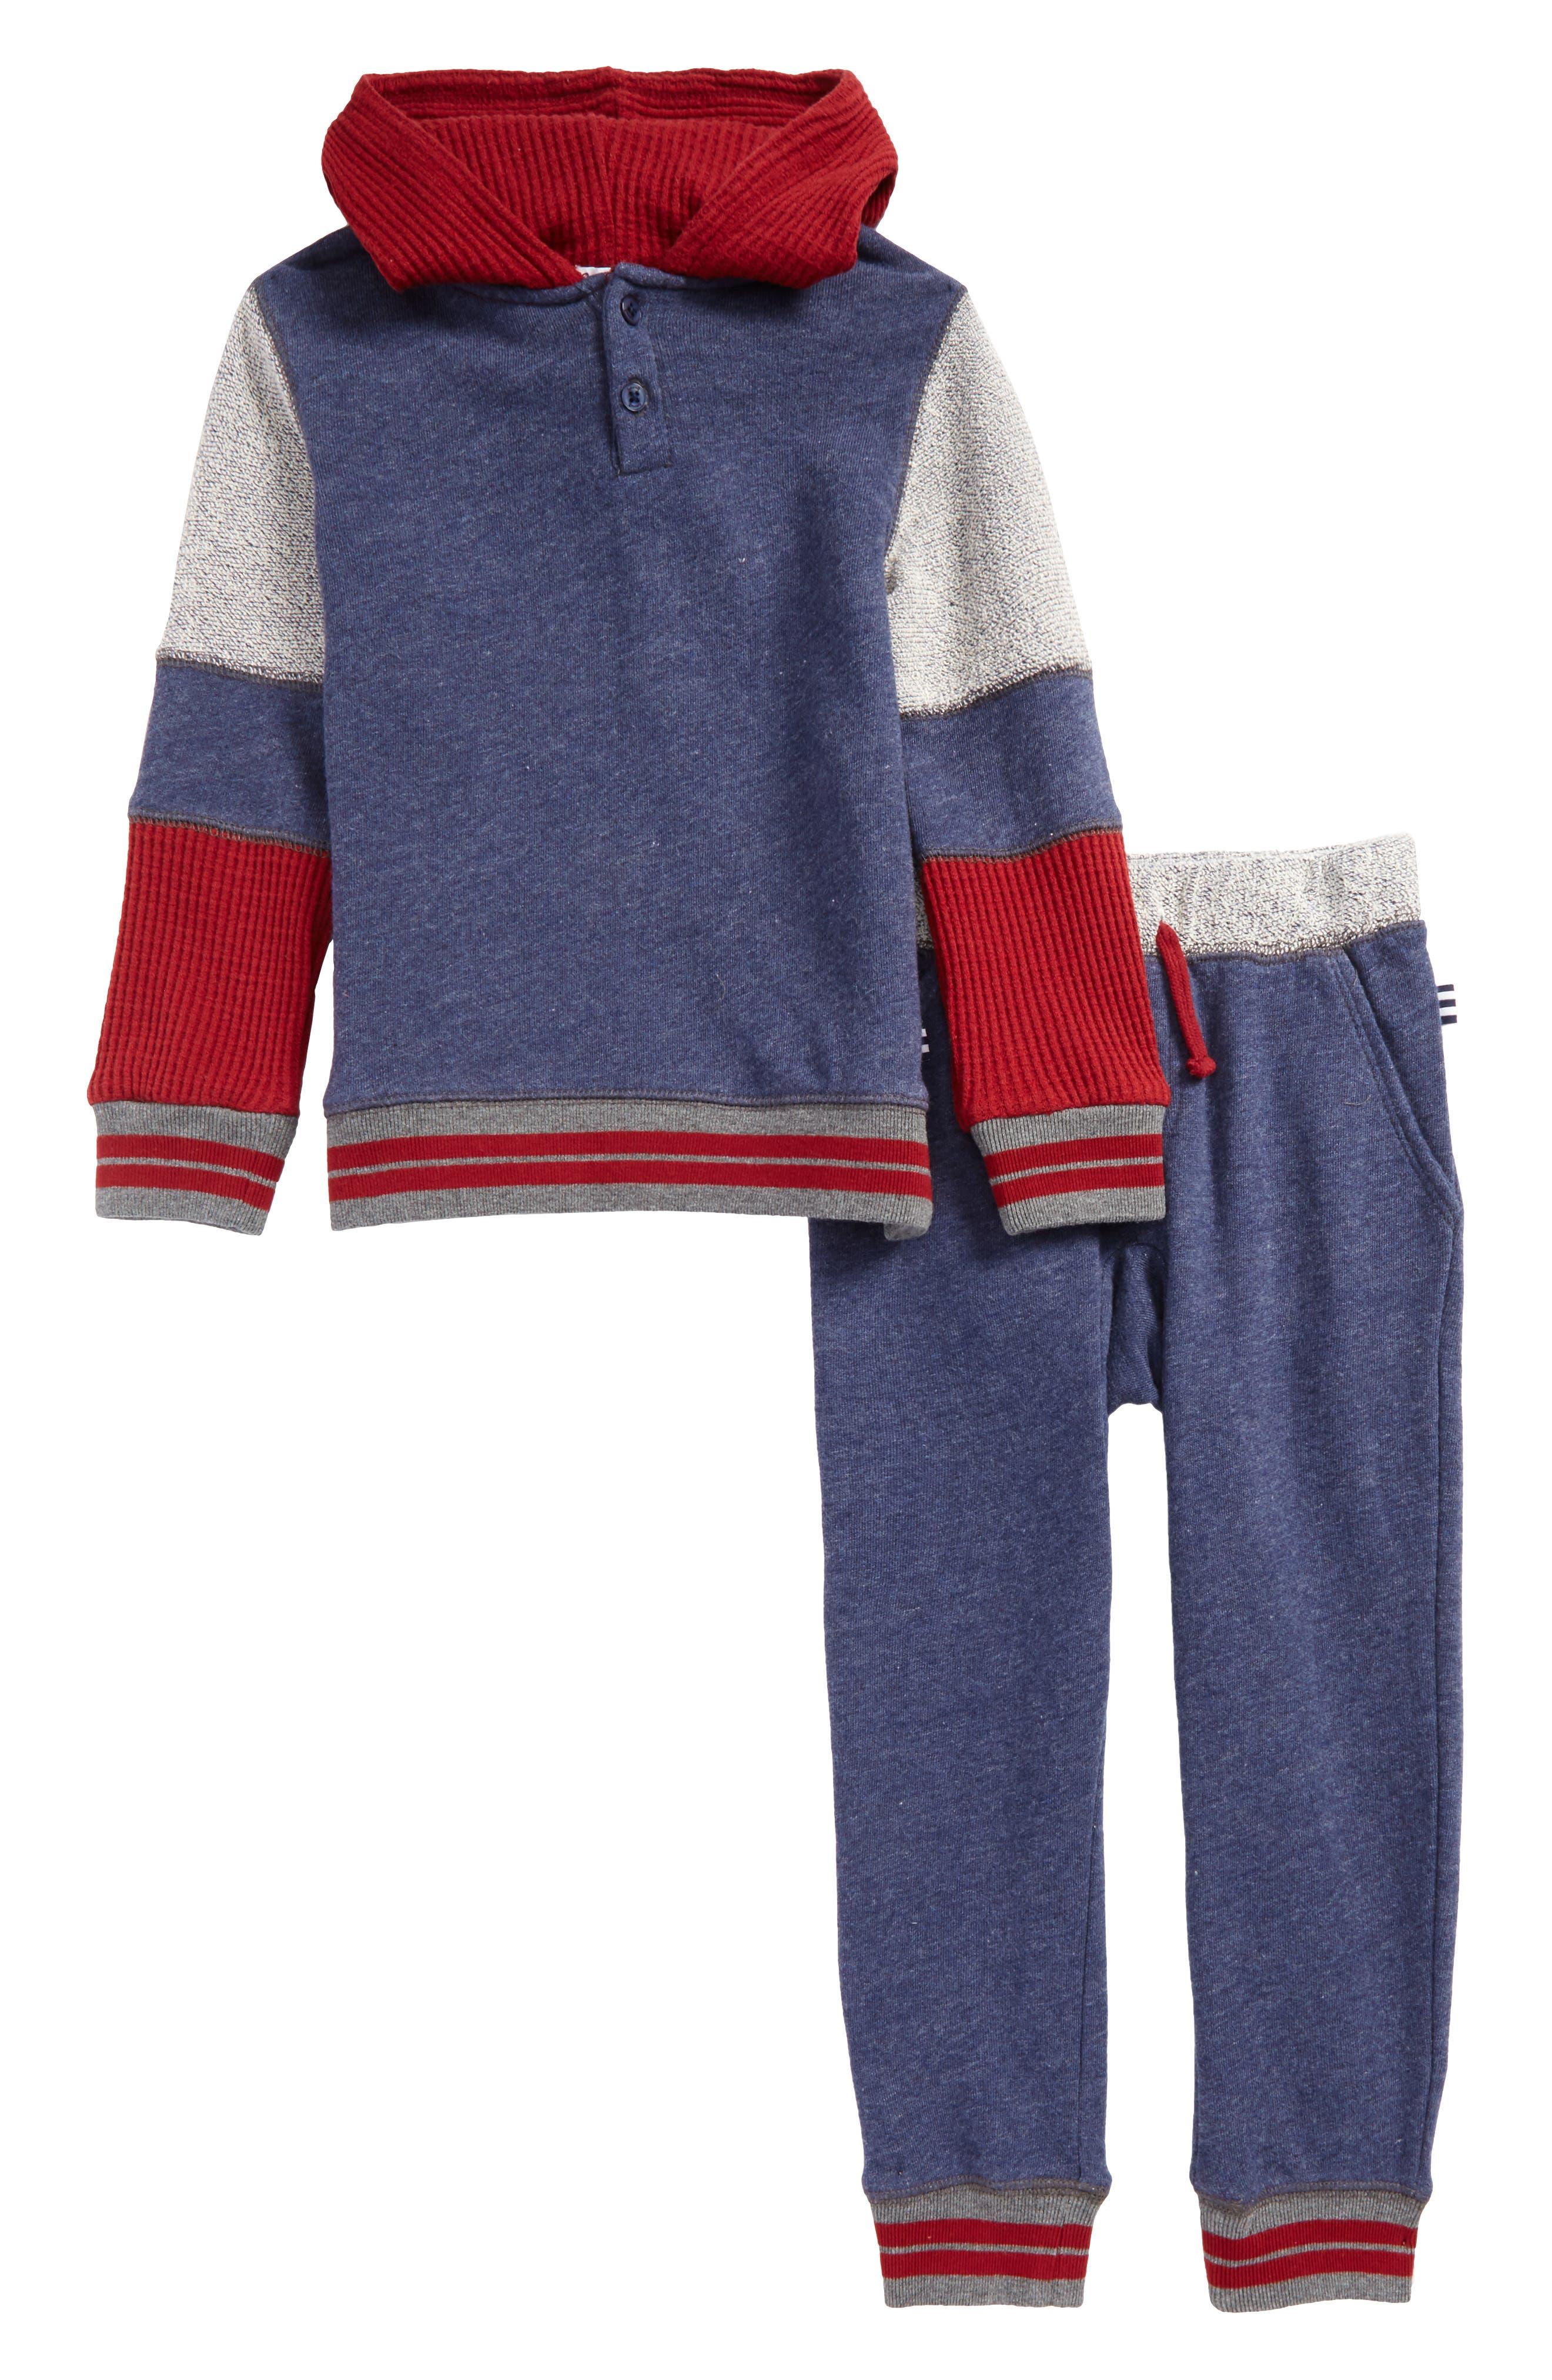 Alternate Image 1 Selected - Splendid Hoodie & Pants Set (Baby Boys)